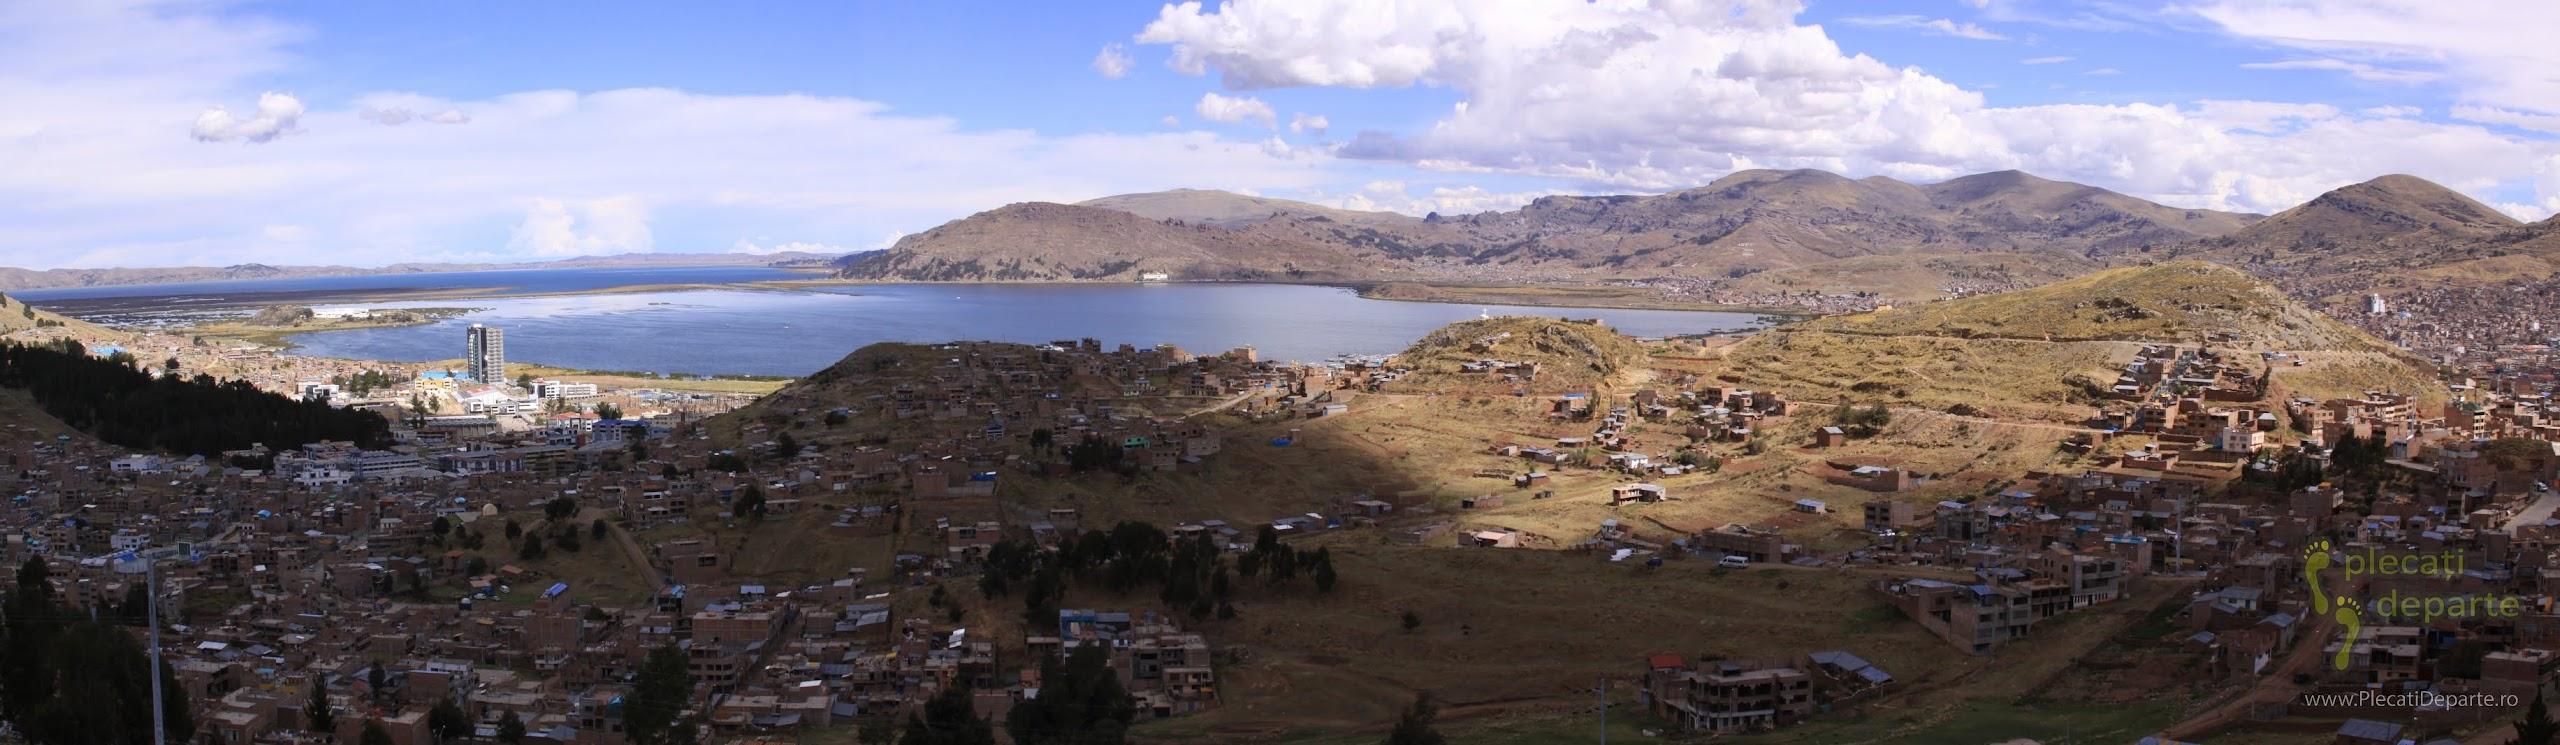 panorama orasului Puno, pe malul Lacului Titicaca, la 4000m in Peru